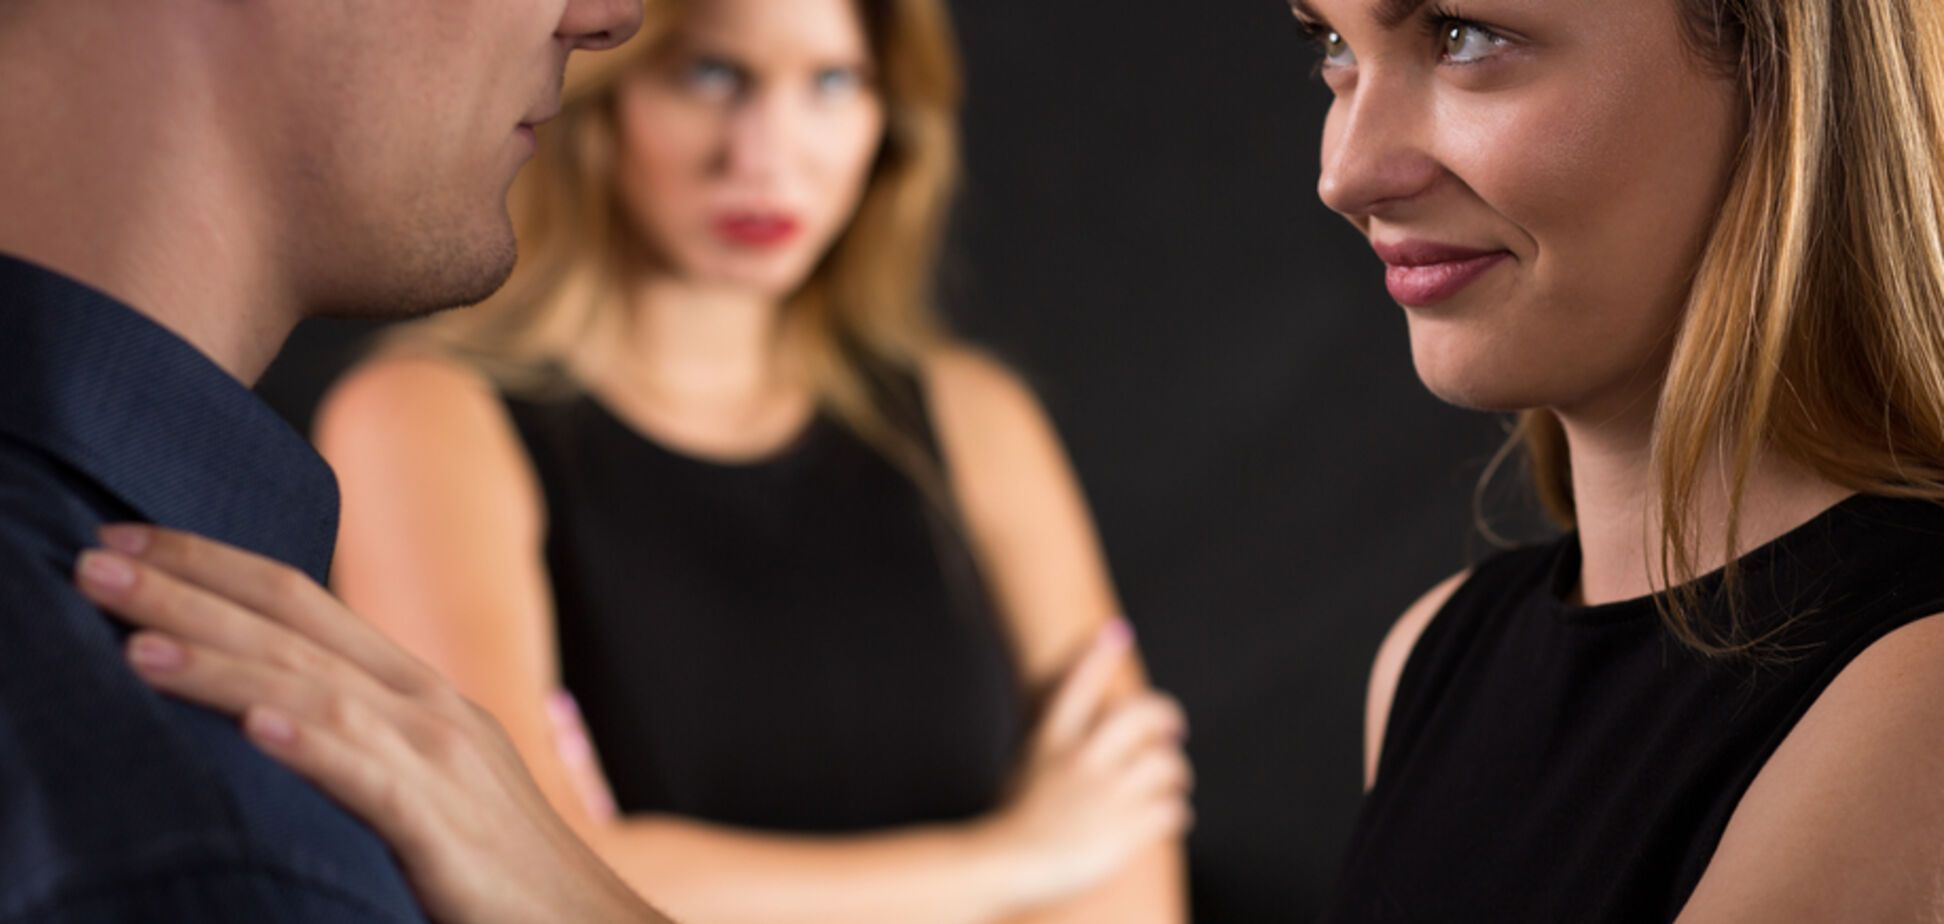 У мужа любовница: как действовать?